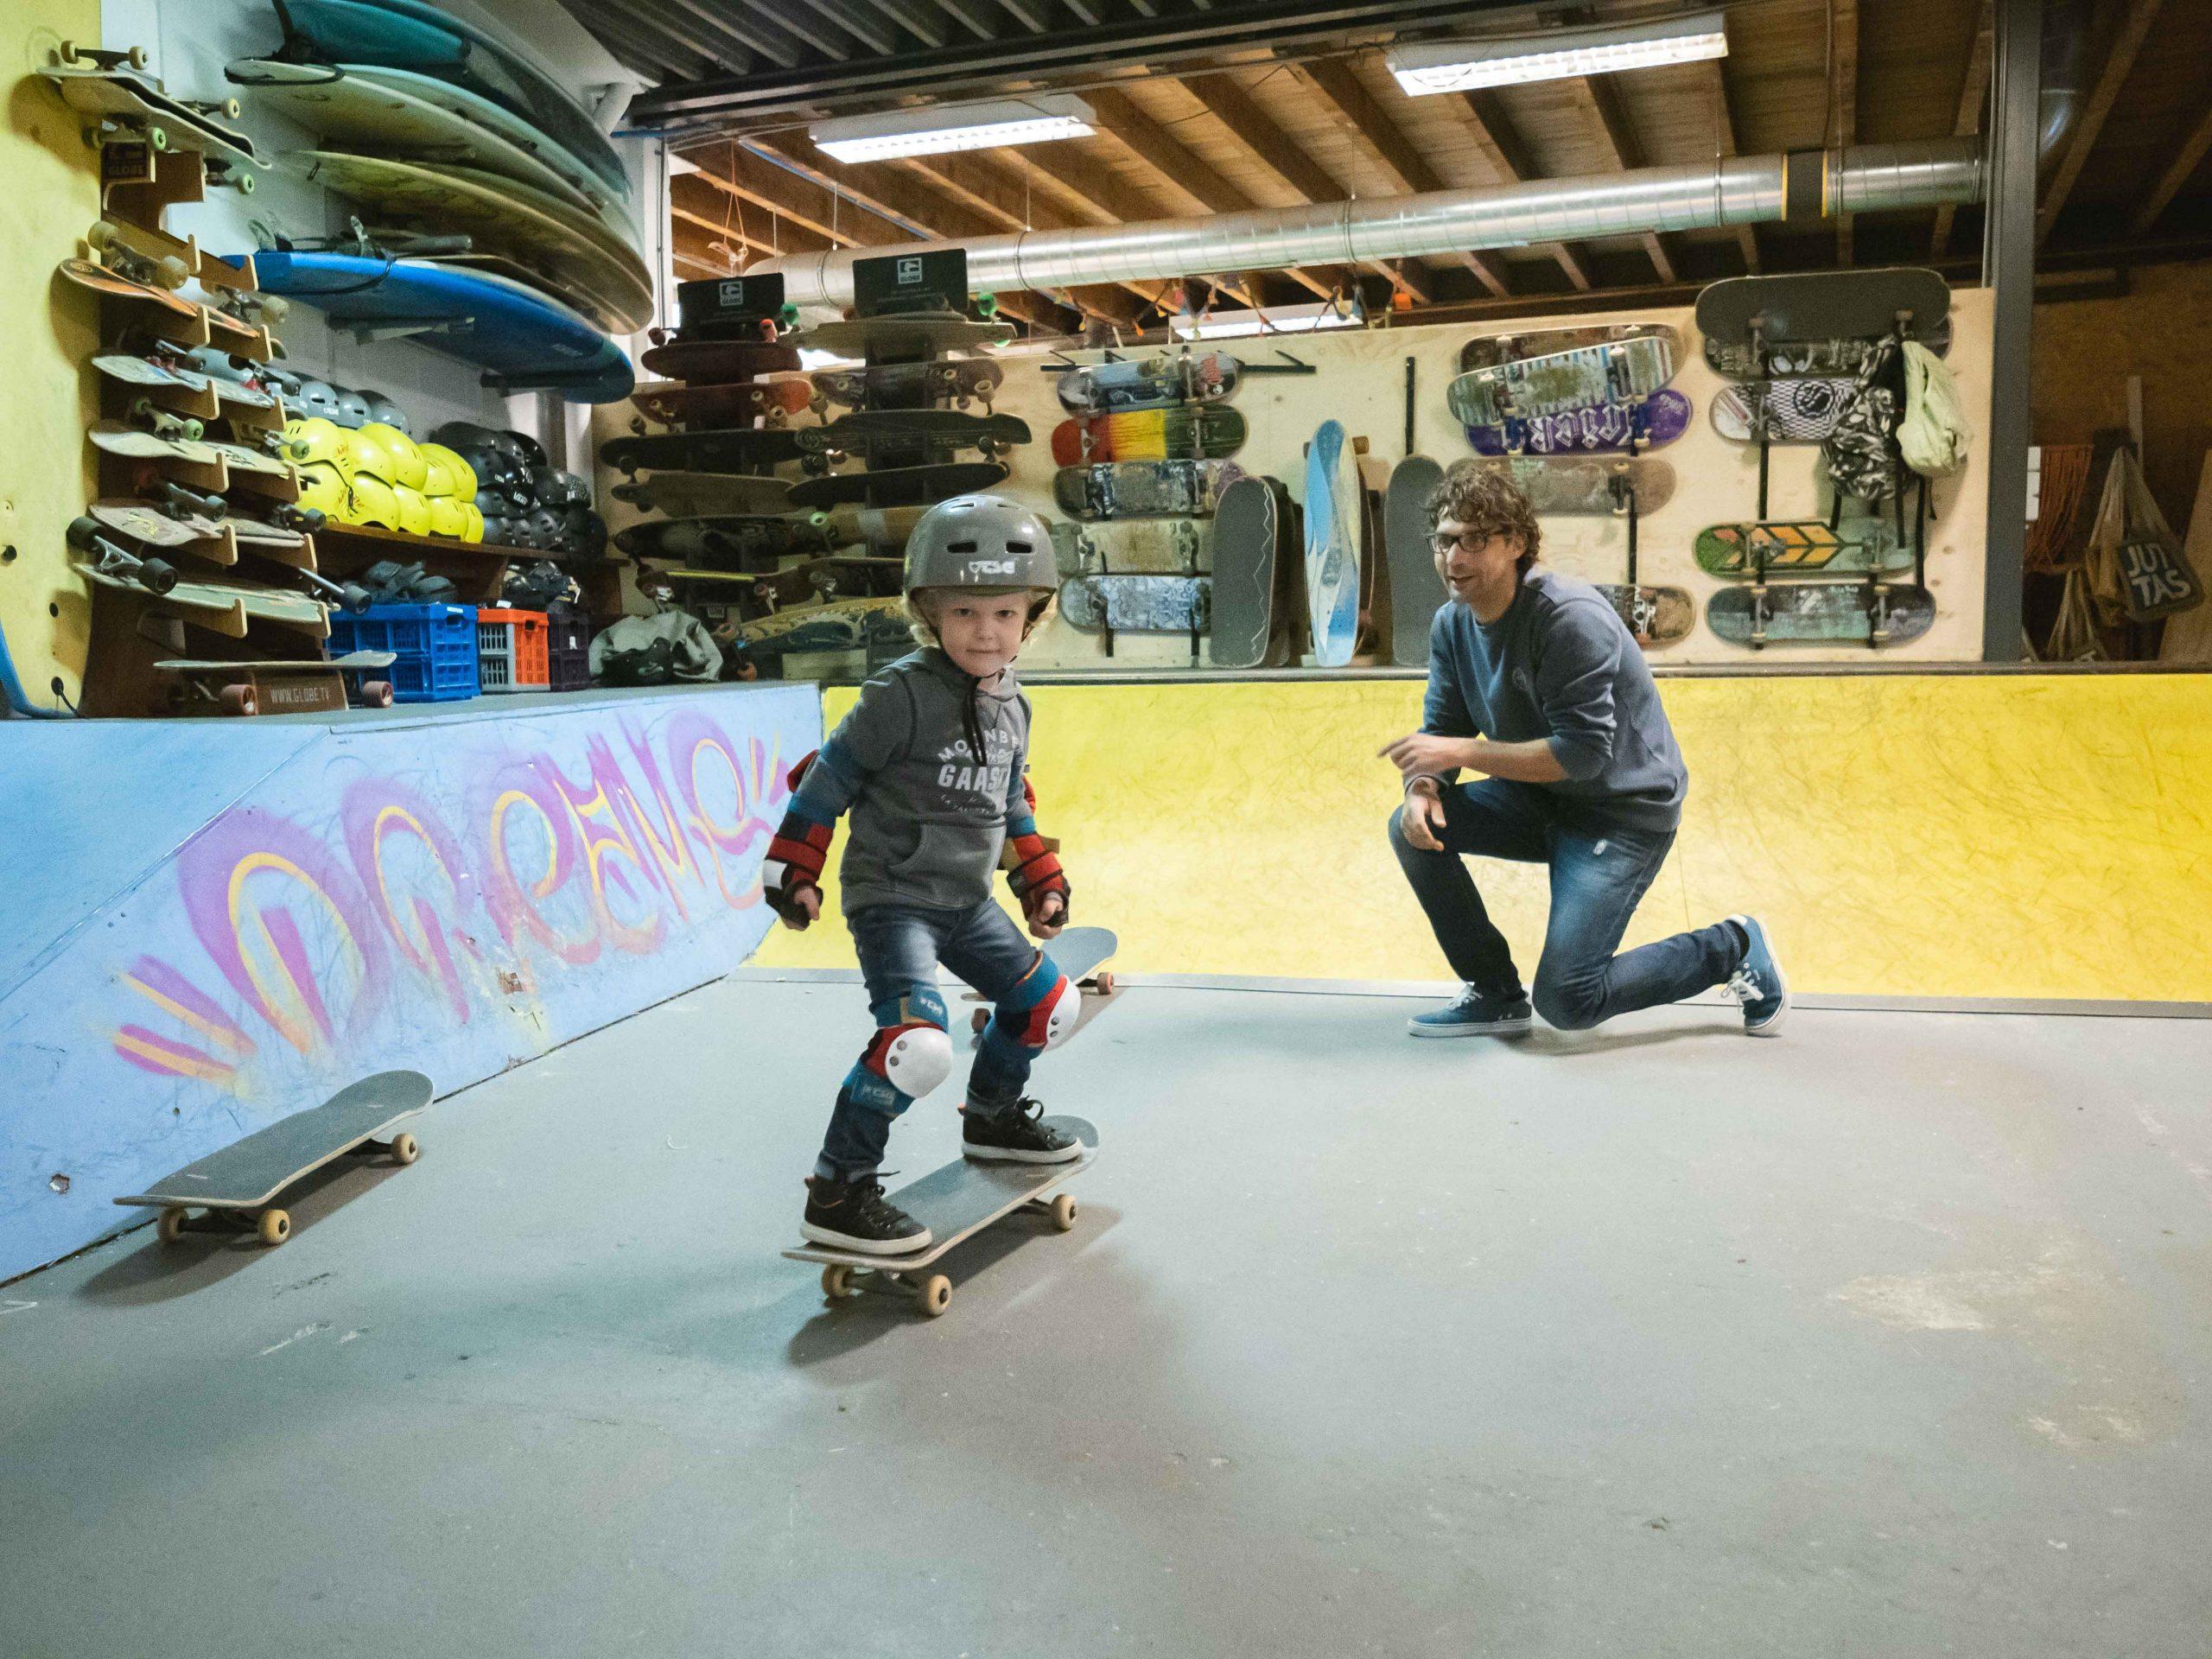 SkateMini's bij Dreams Skateschool